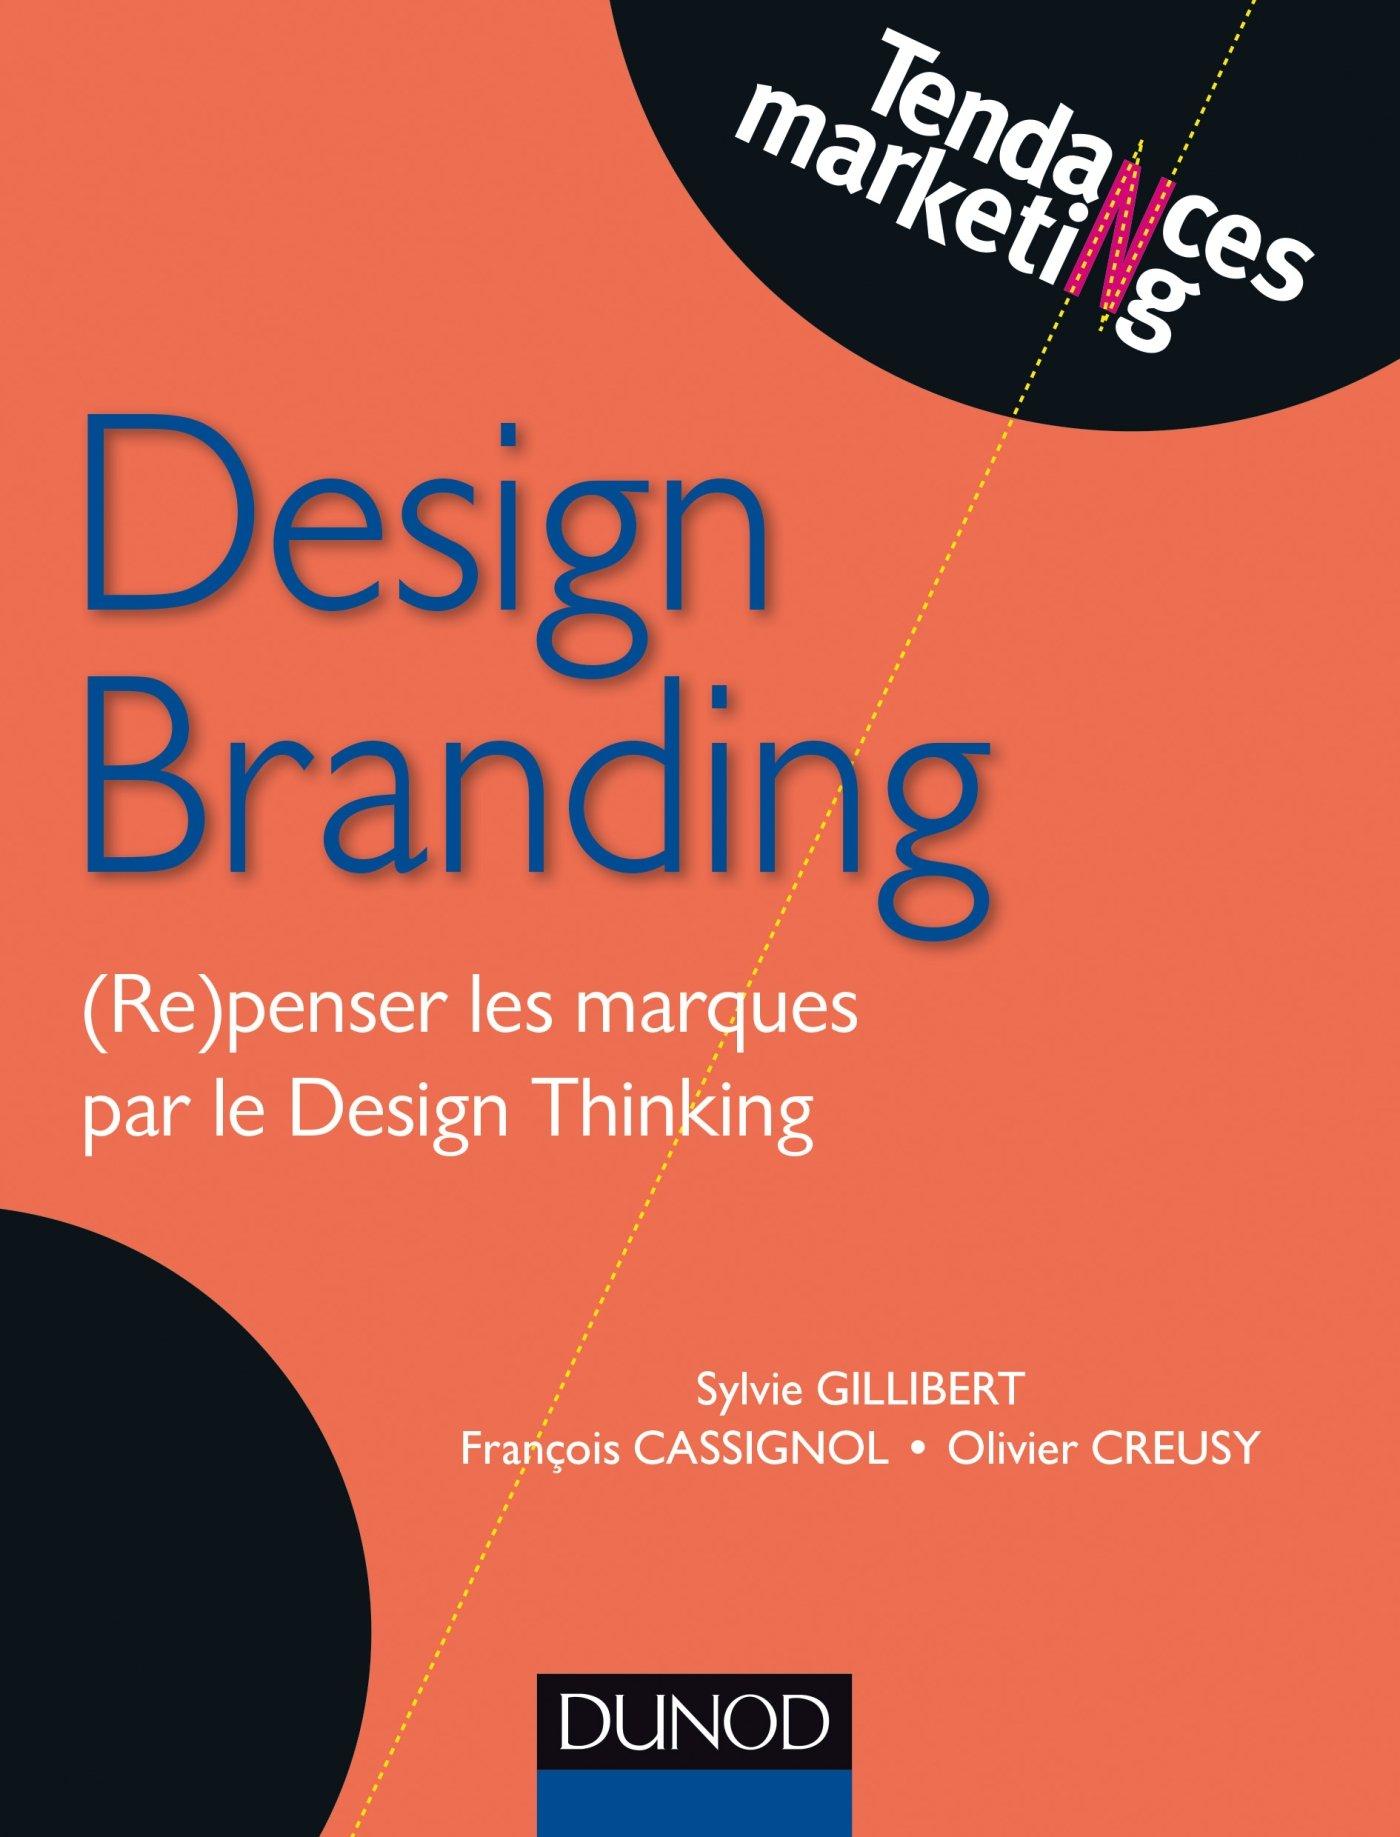 Design Branding : (Re)penser les marques par le Design Thinking